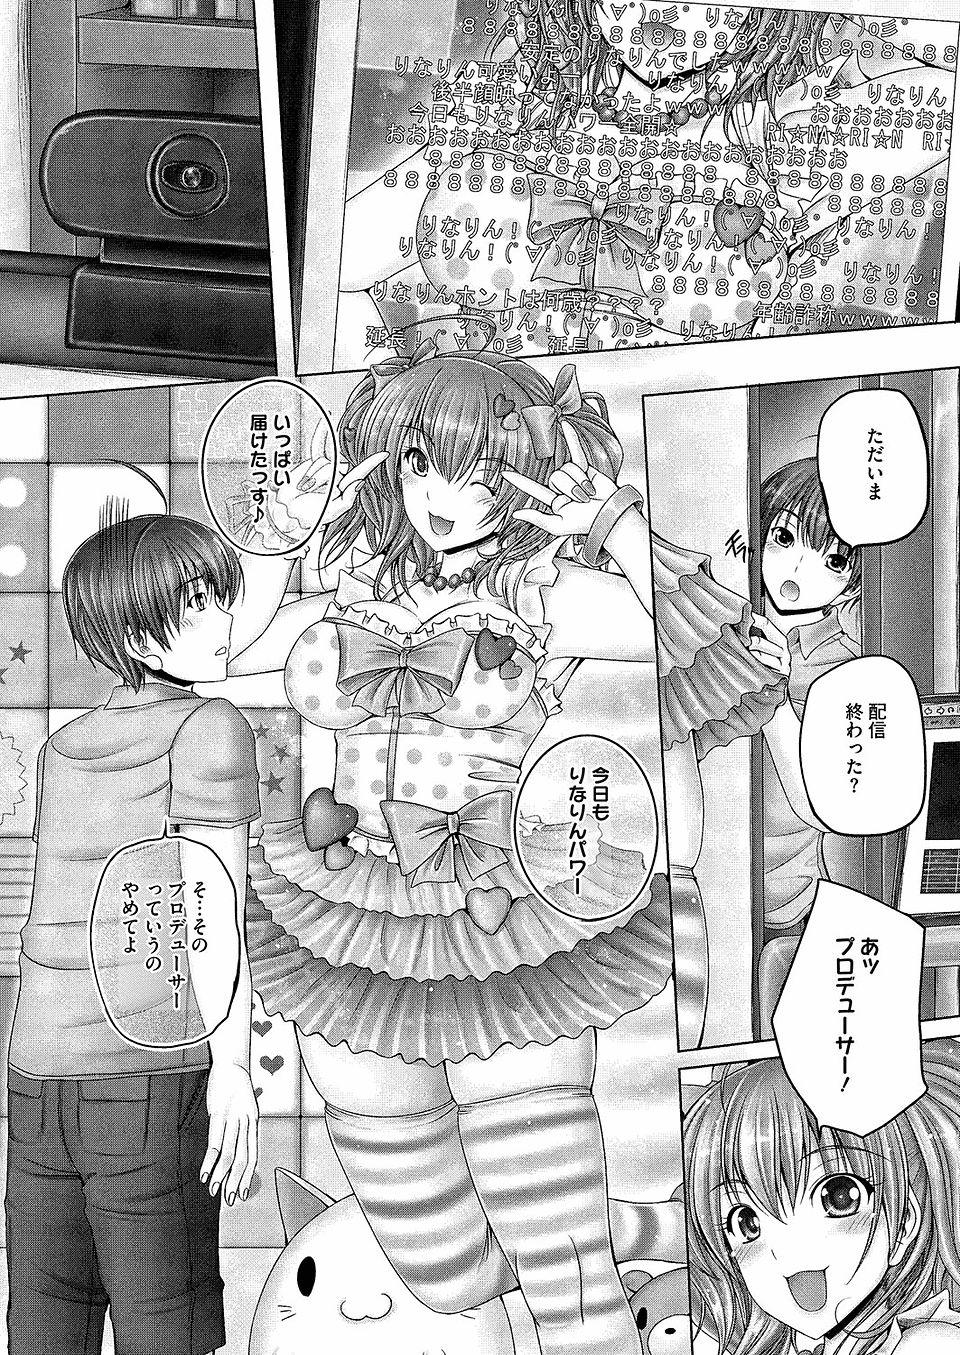 【エロ漫画・エロ同人誌】巨乳アイドルの姉が色々頑張ってくれた弟にエッチなお礼してるwww (2)